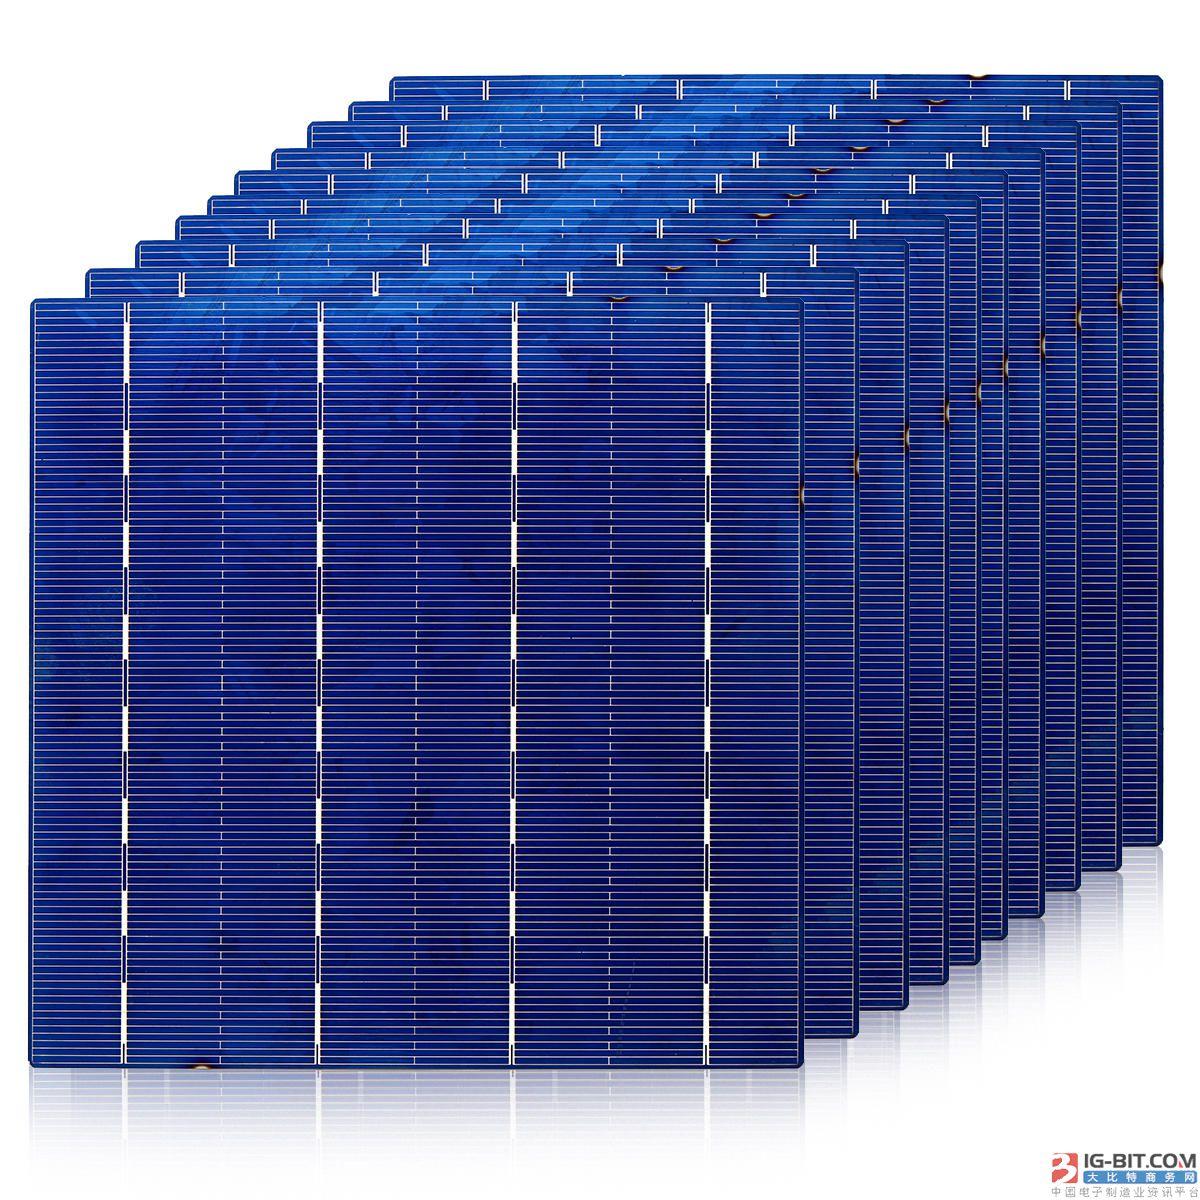 制止滥用 印度将对进口光伏电池组件企业采取严厉措施